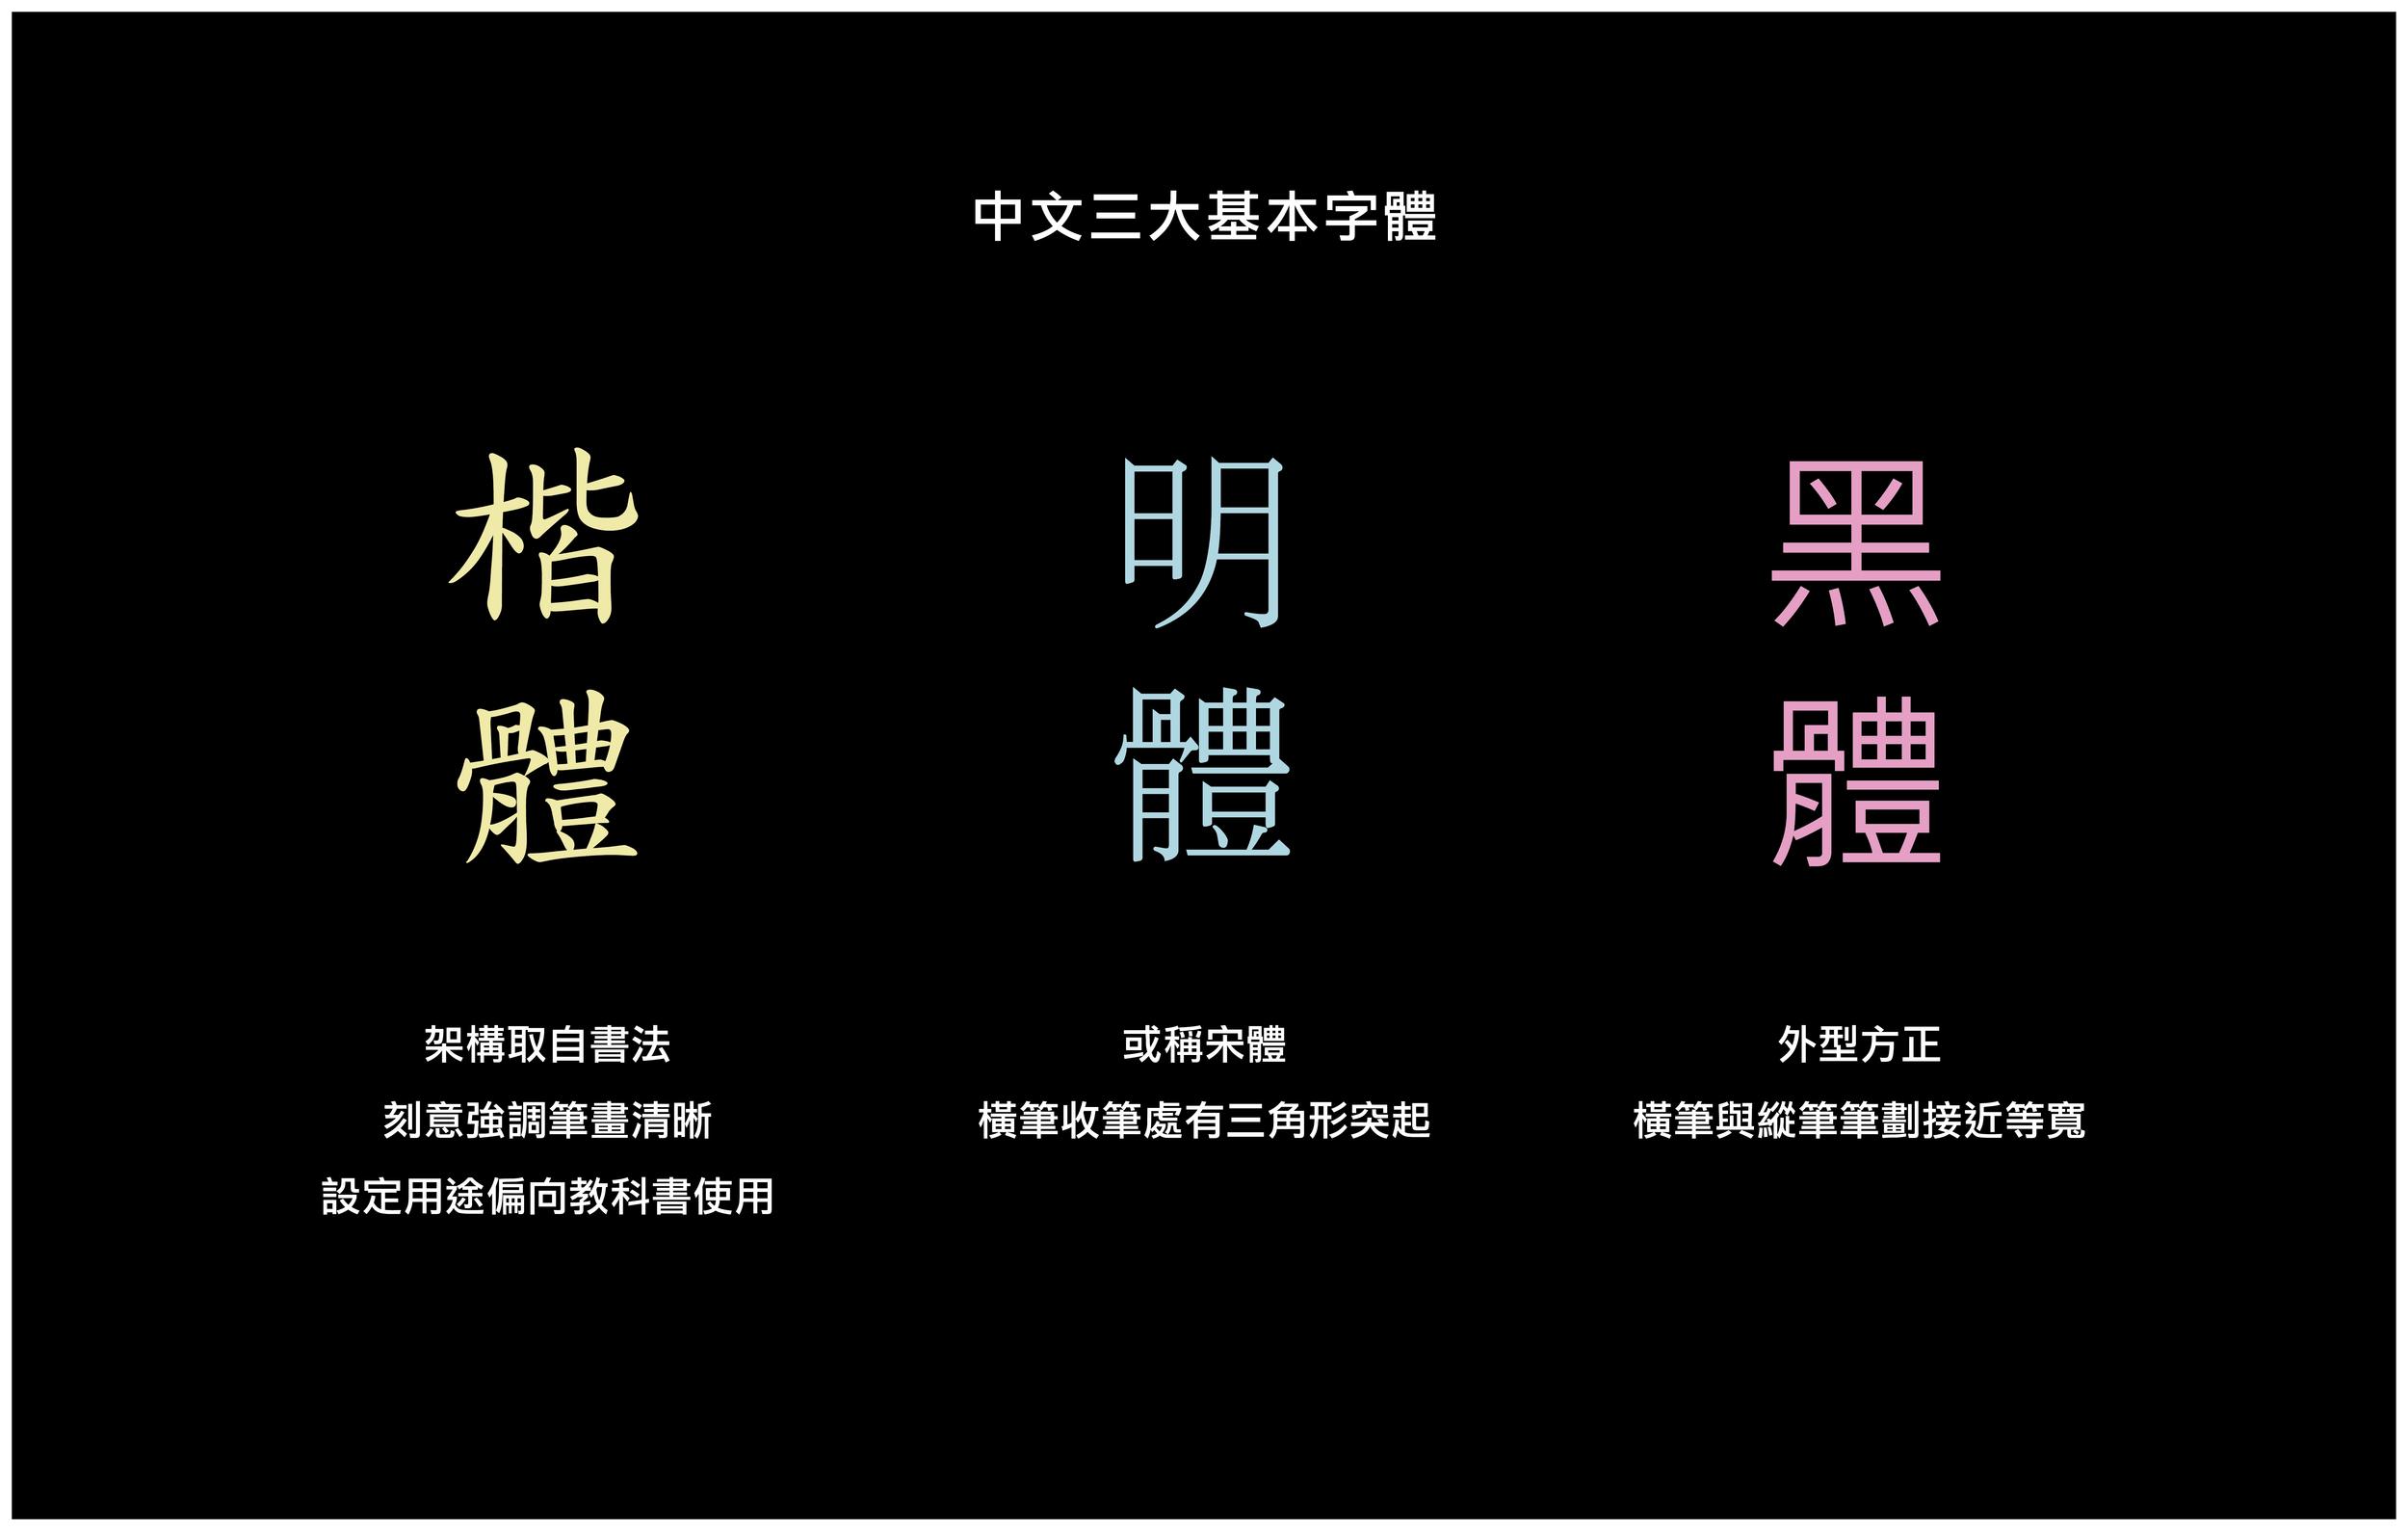 中文三大基本字體特徵